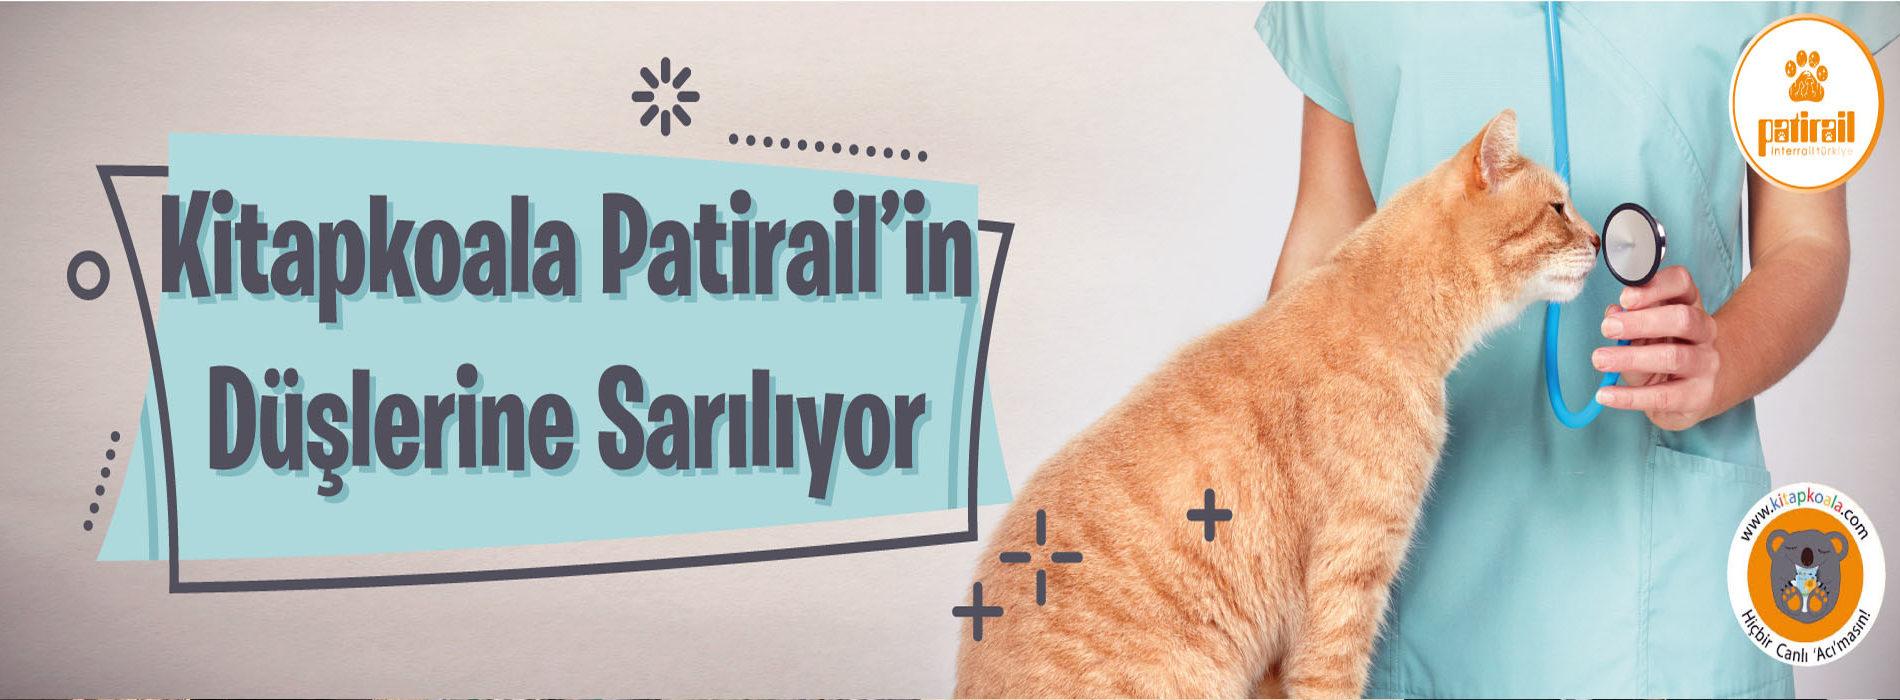 Kitapkoala Patirail'in Düşlerine Sarılıyor